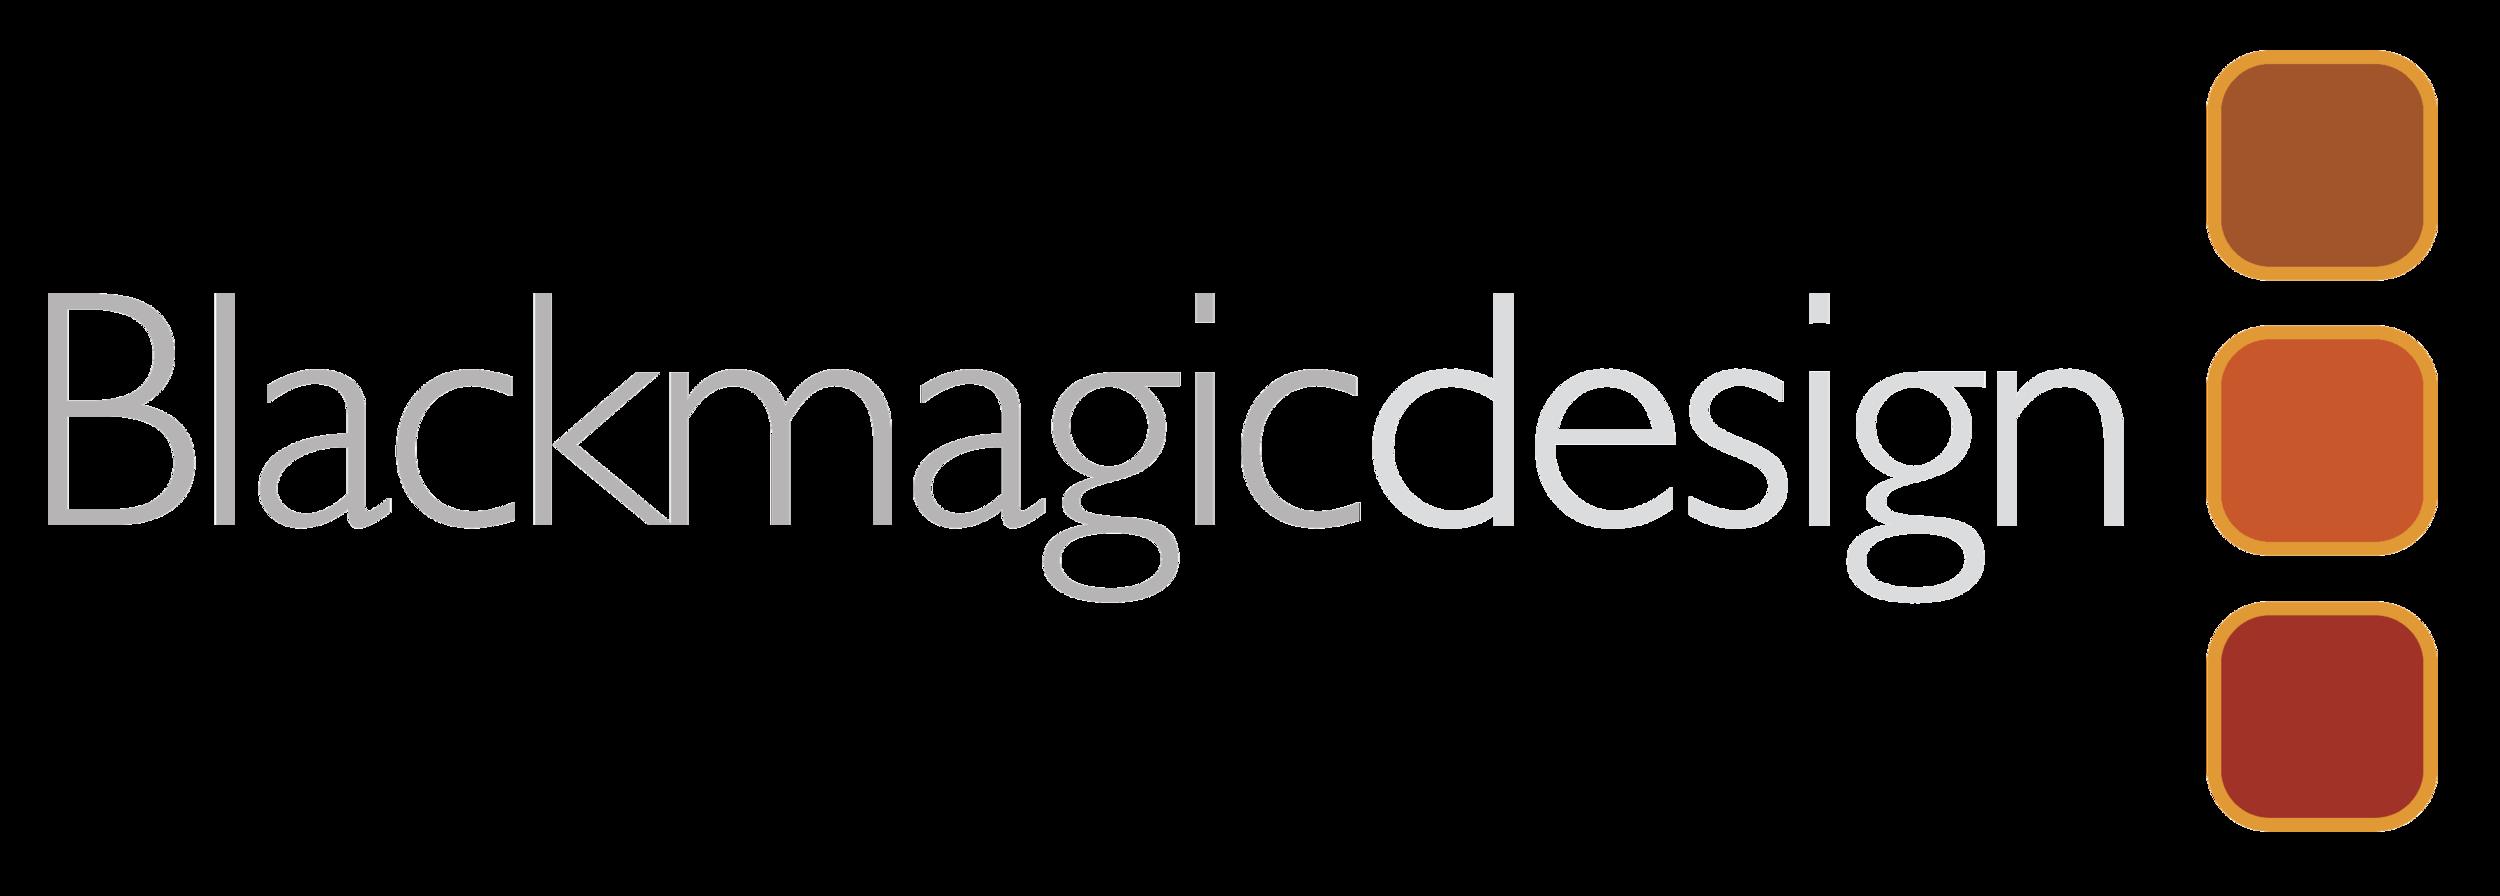 logo-blackmagicdesign.png